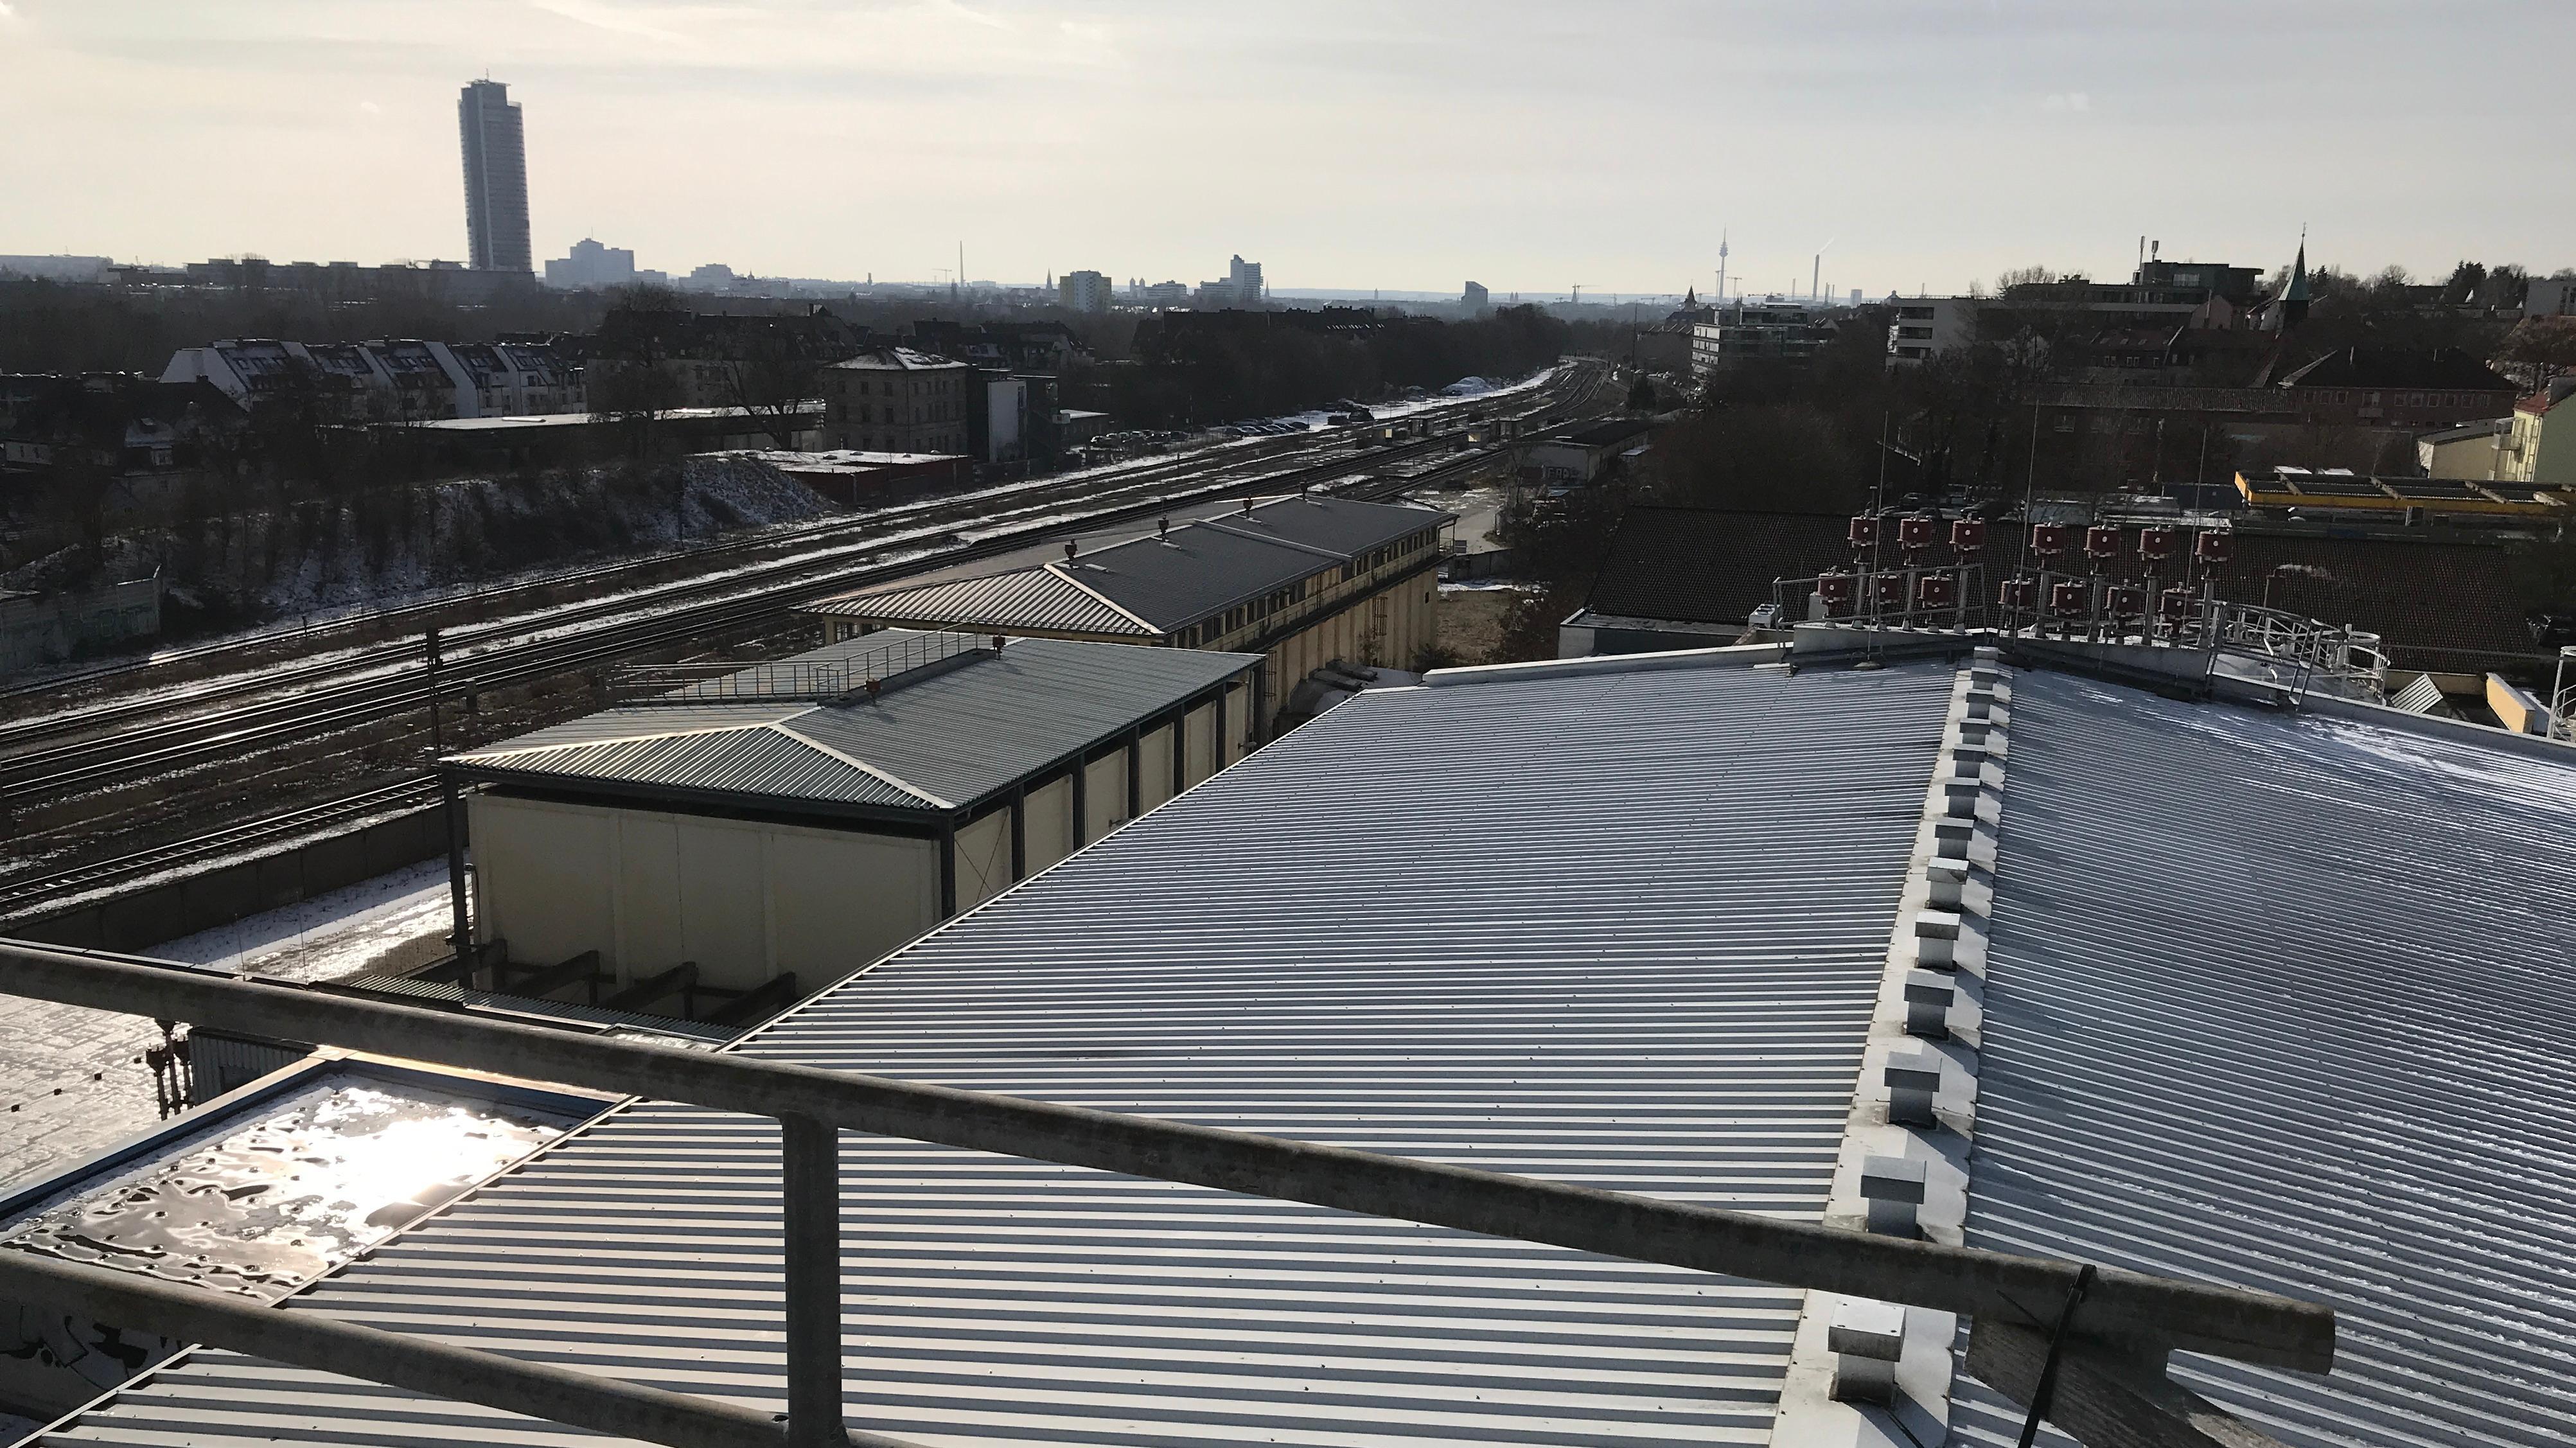 Blick vom Dach auf die Anlage